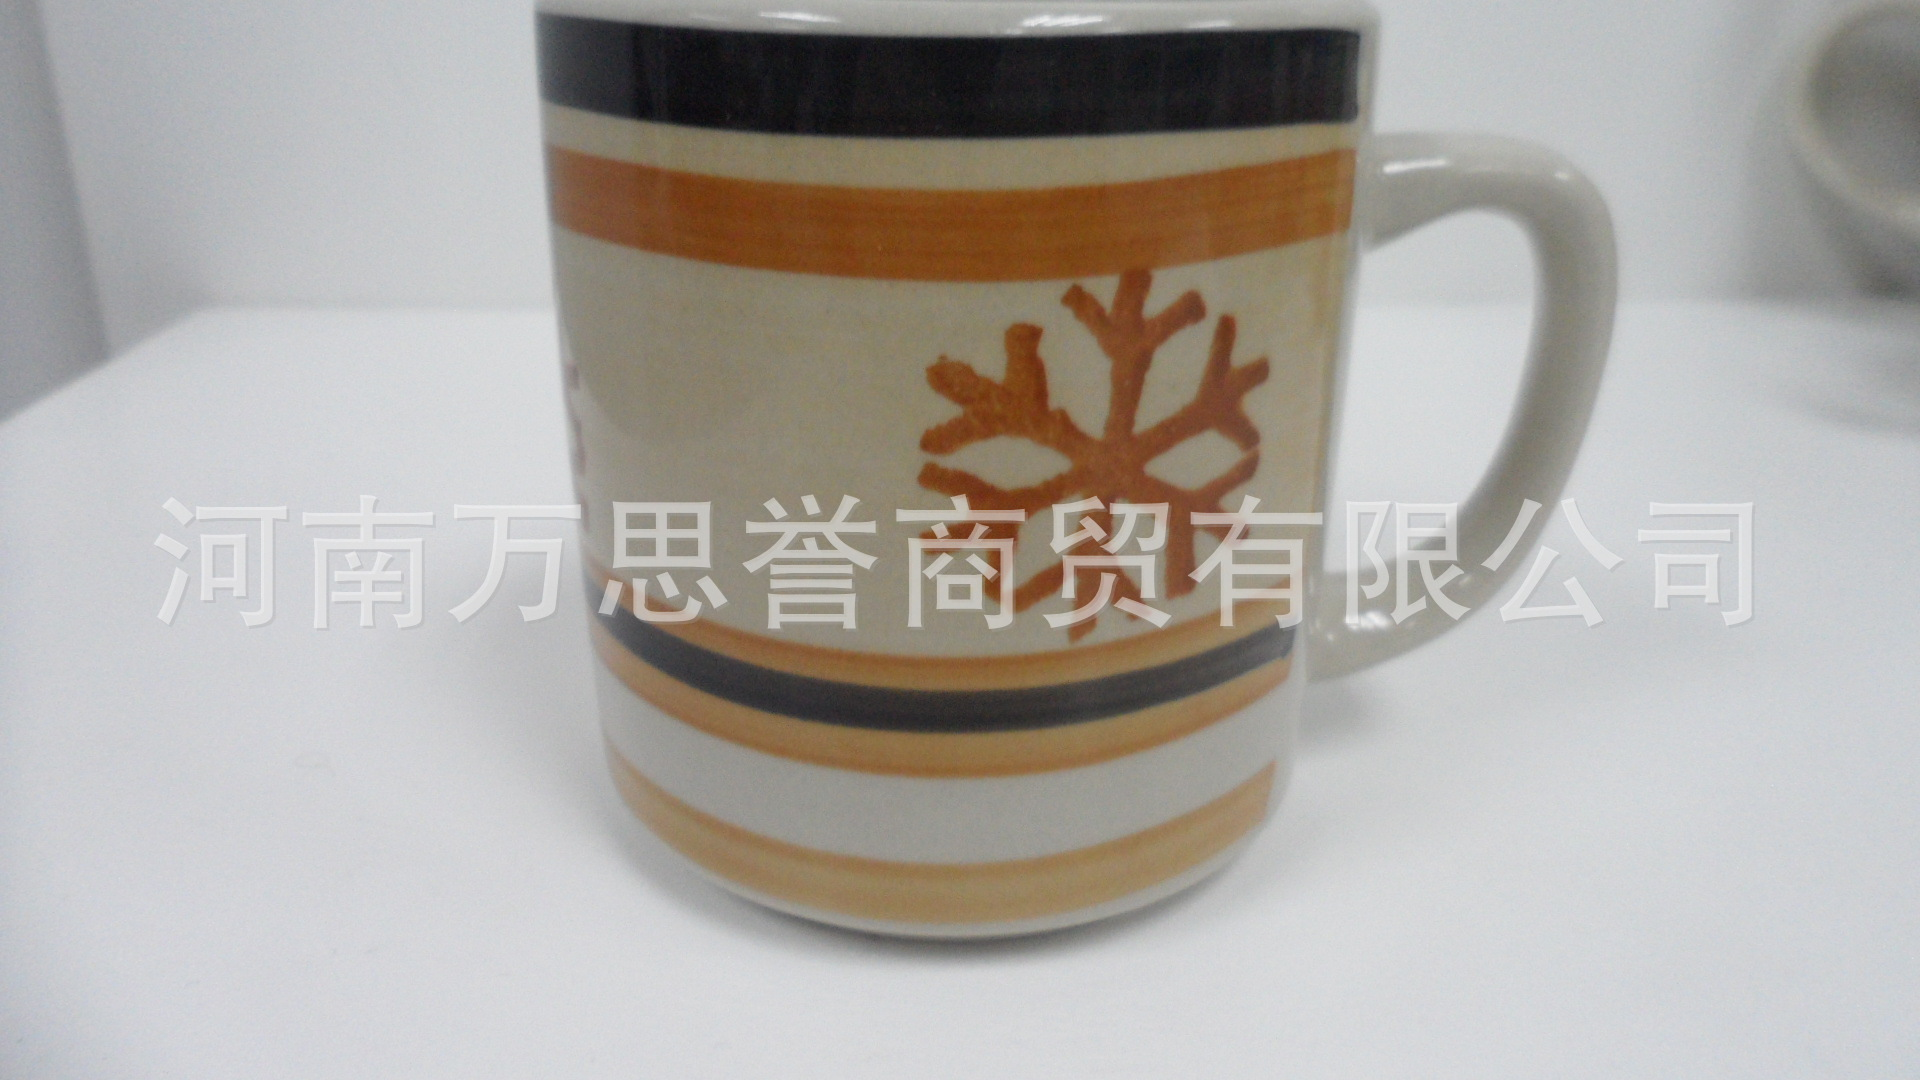 8盎司创意个性咖啡杯 手绘陶瓷杯马克杯 促销礼品